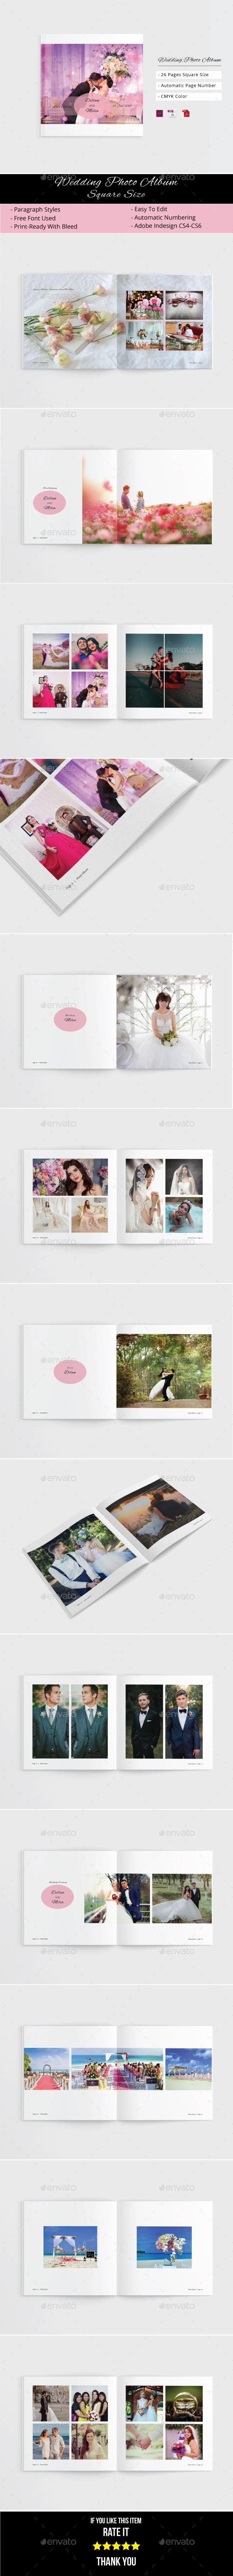 Wedding Photo Album - Photo Albums Print Templates